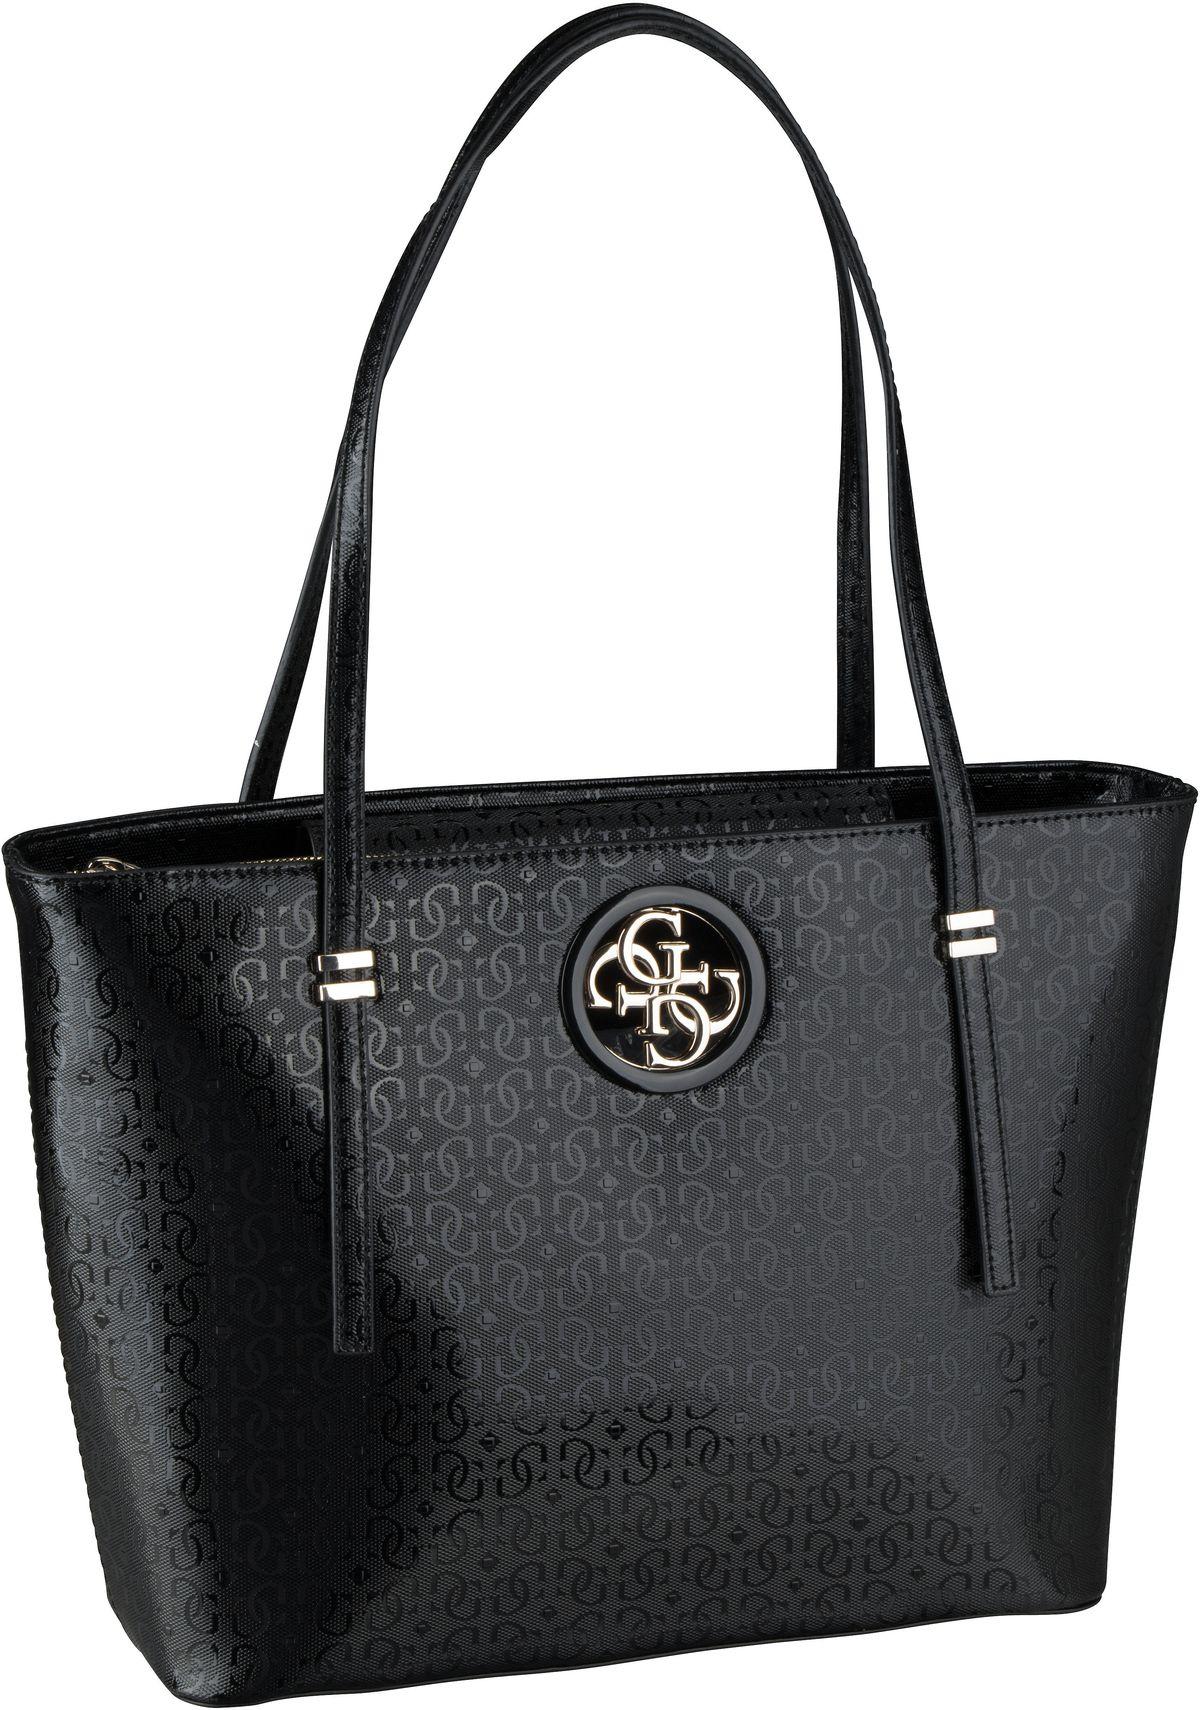 Handtasche Open Road Tote GS Black